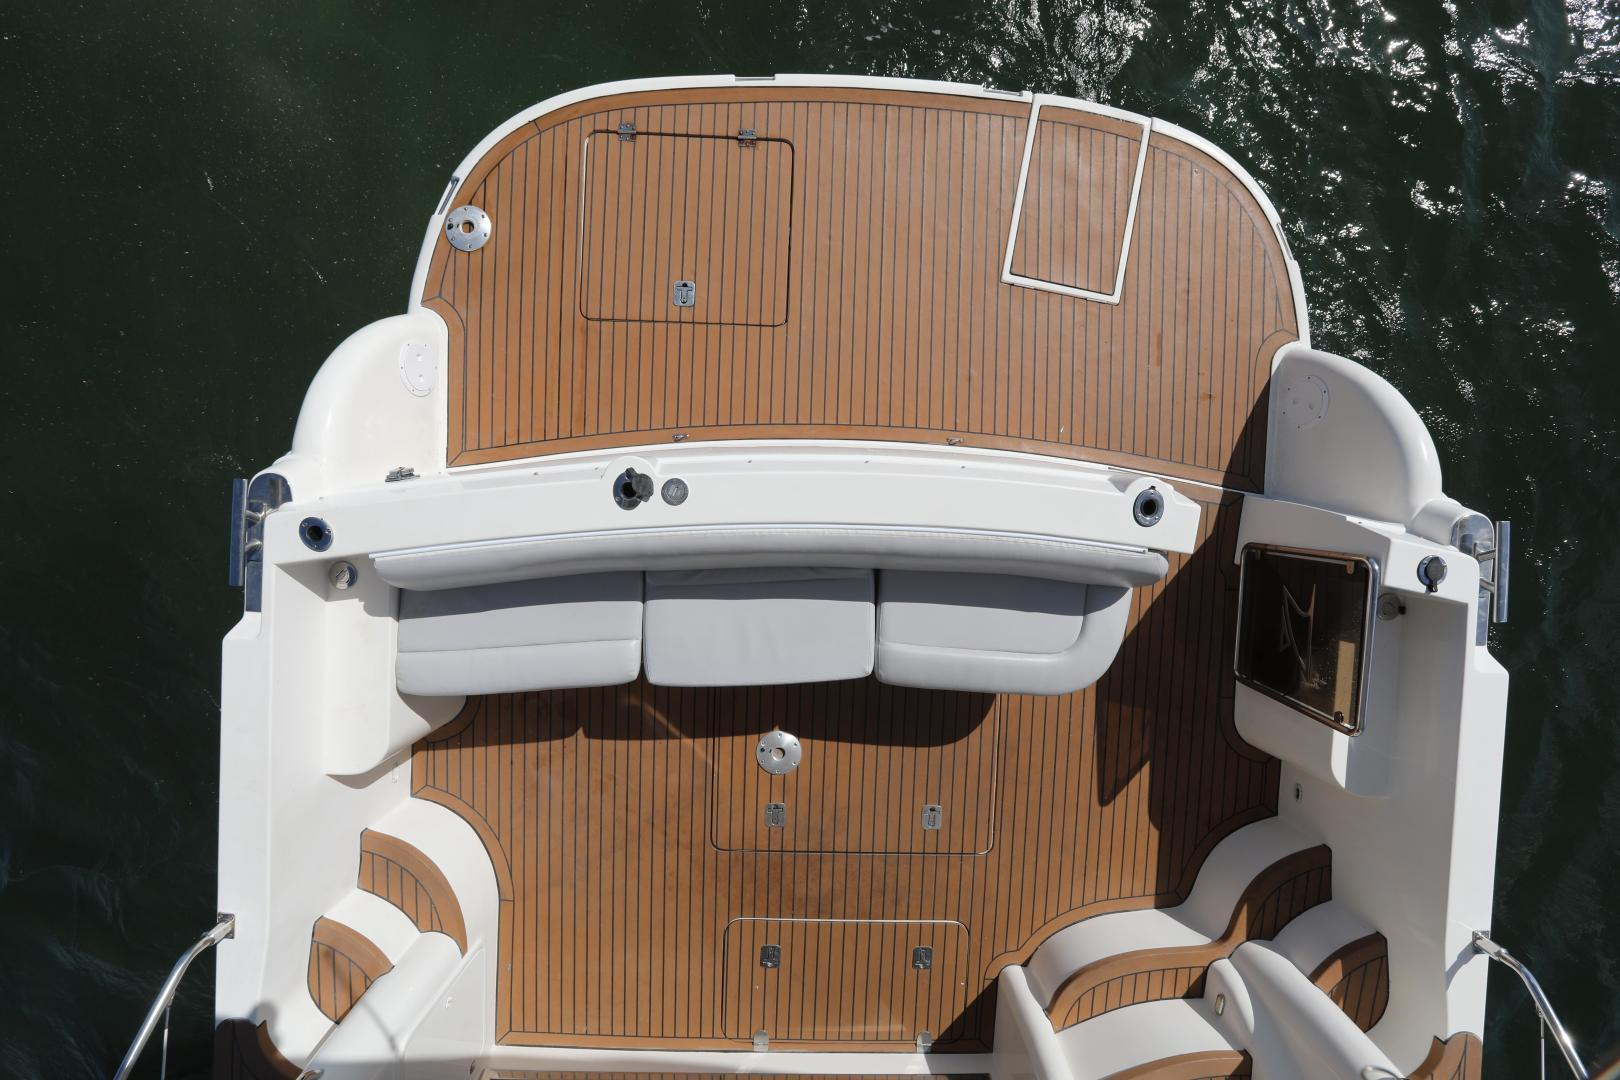 Rodman-Flybridge 2004-La Meli Miami Beach-Florida-United States-1566559 | Thumbnail